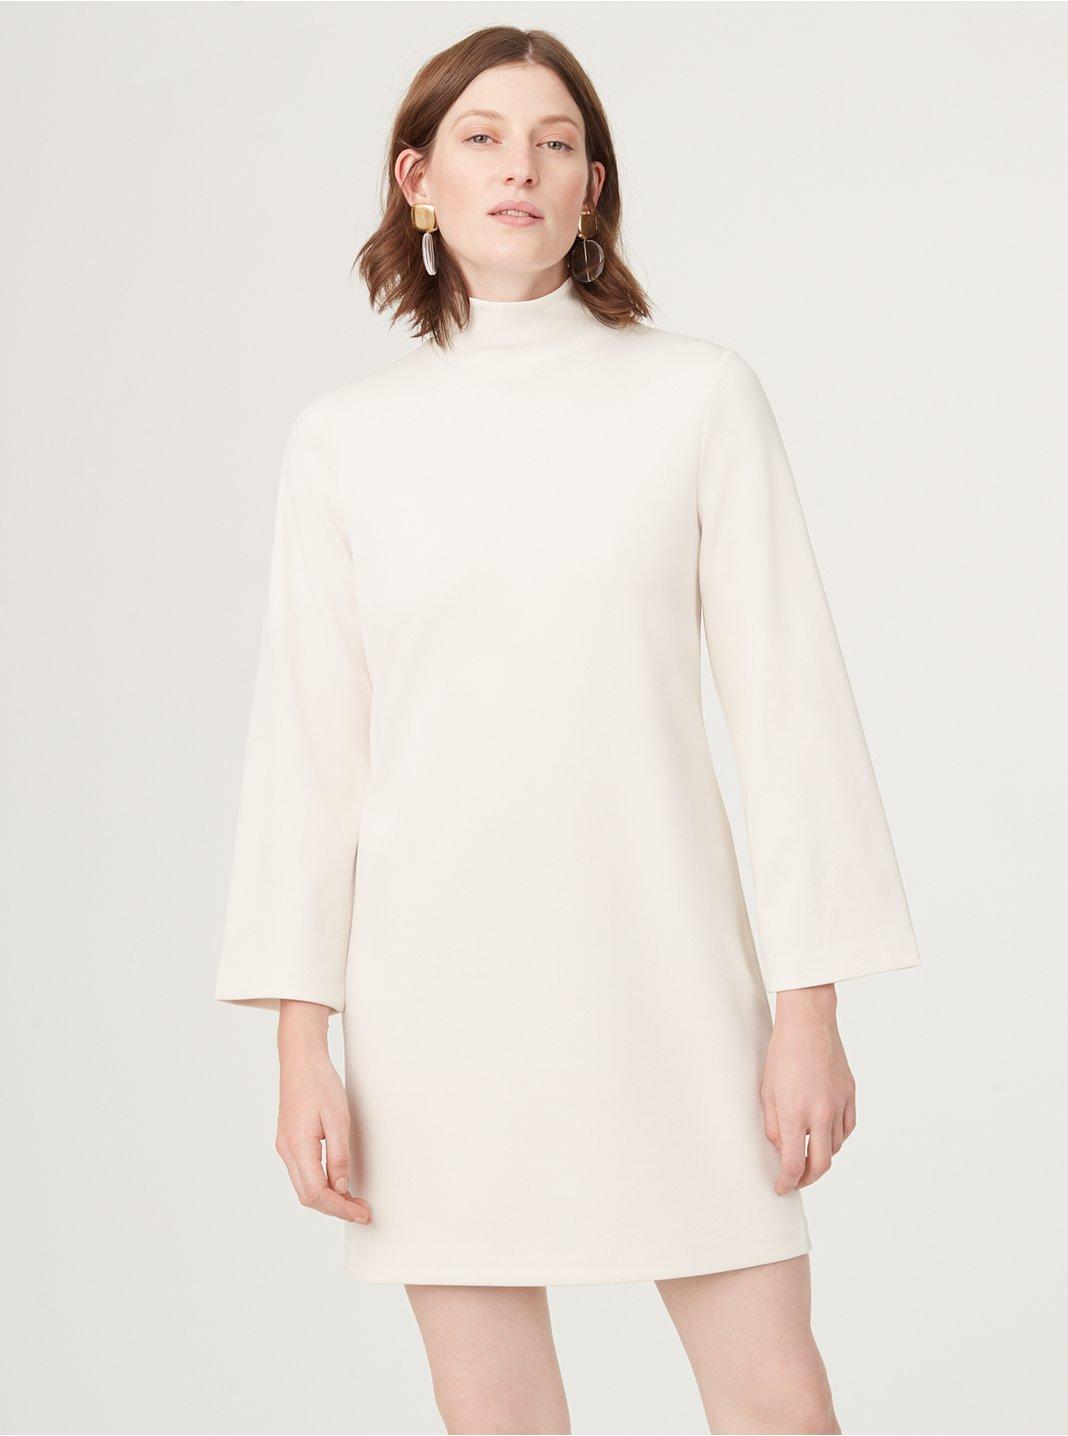 Ellaibellai Knit Dress